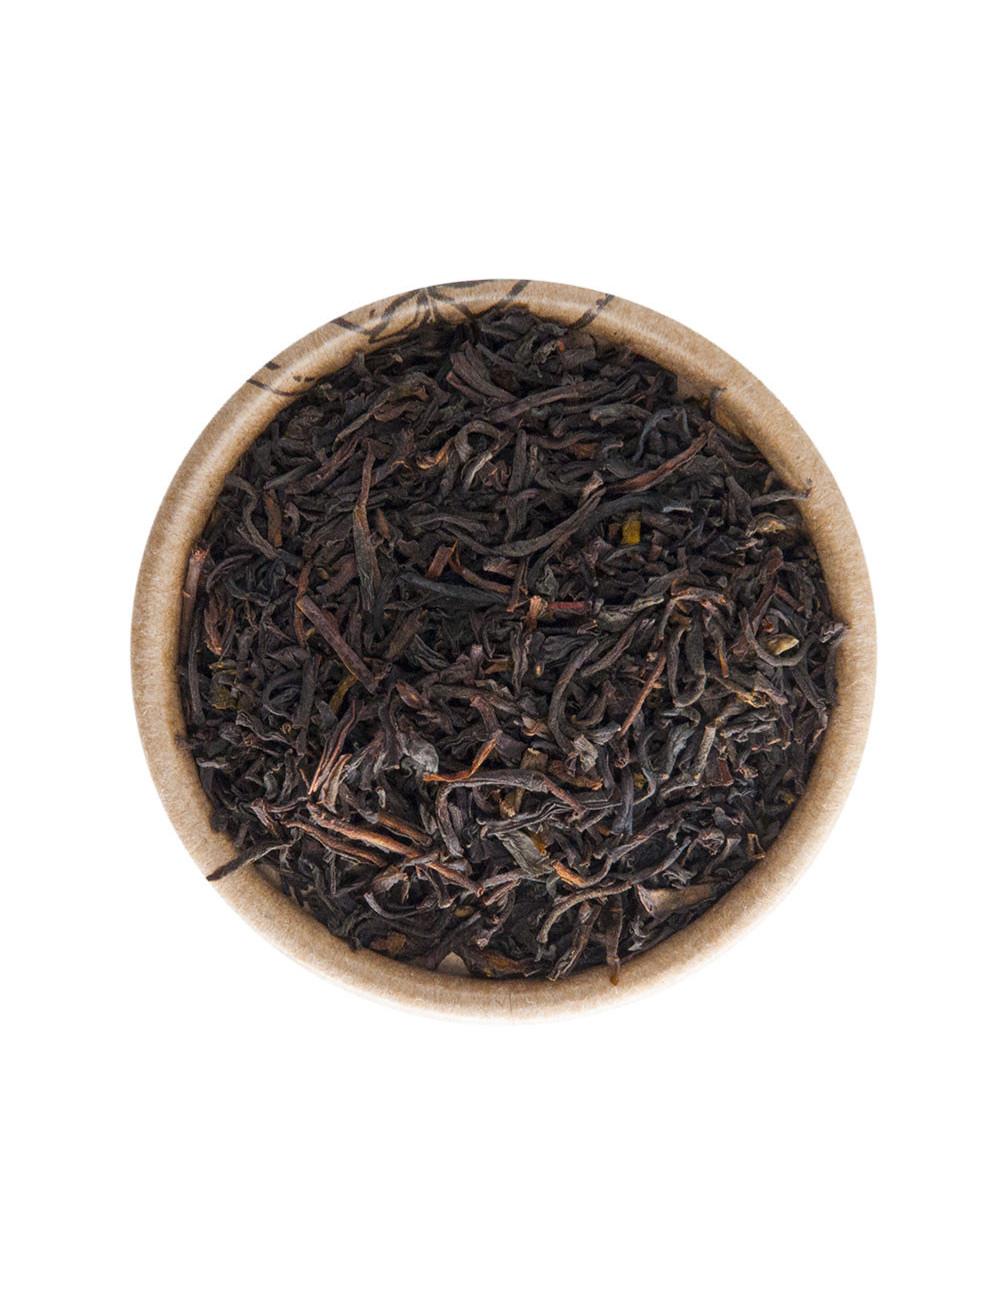 Ceylon Nuwara Eliya tè nero - La Pianta del Tè shop online